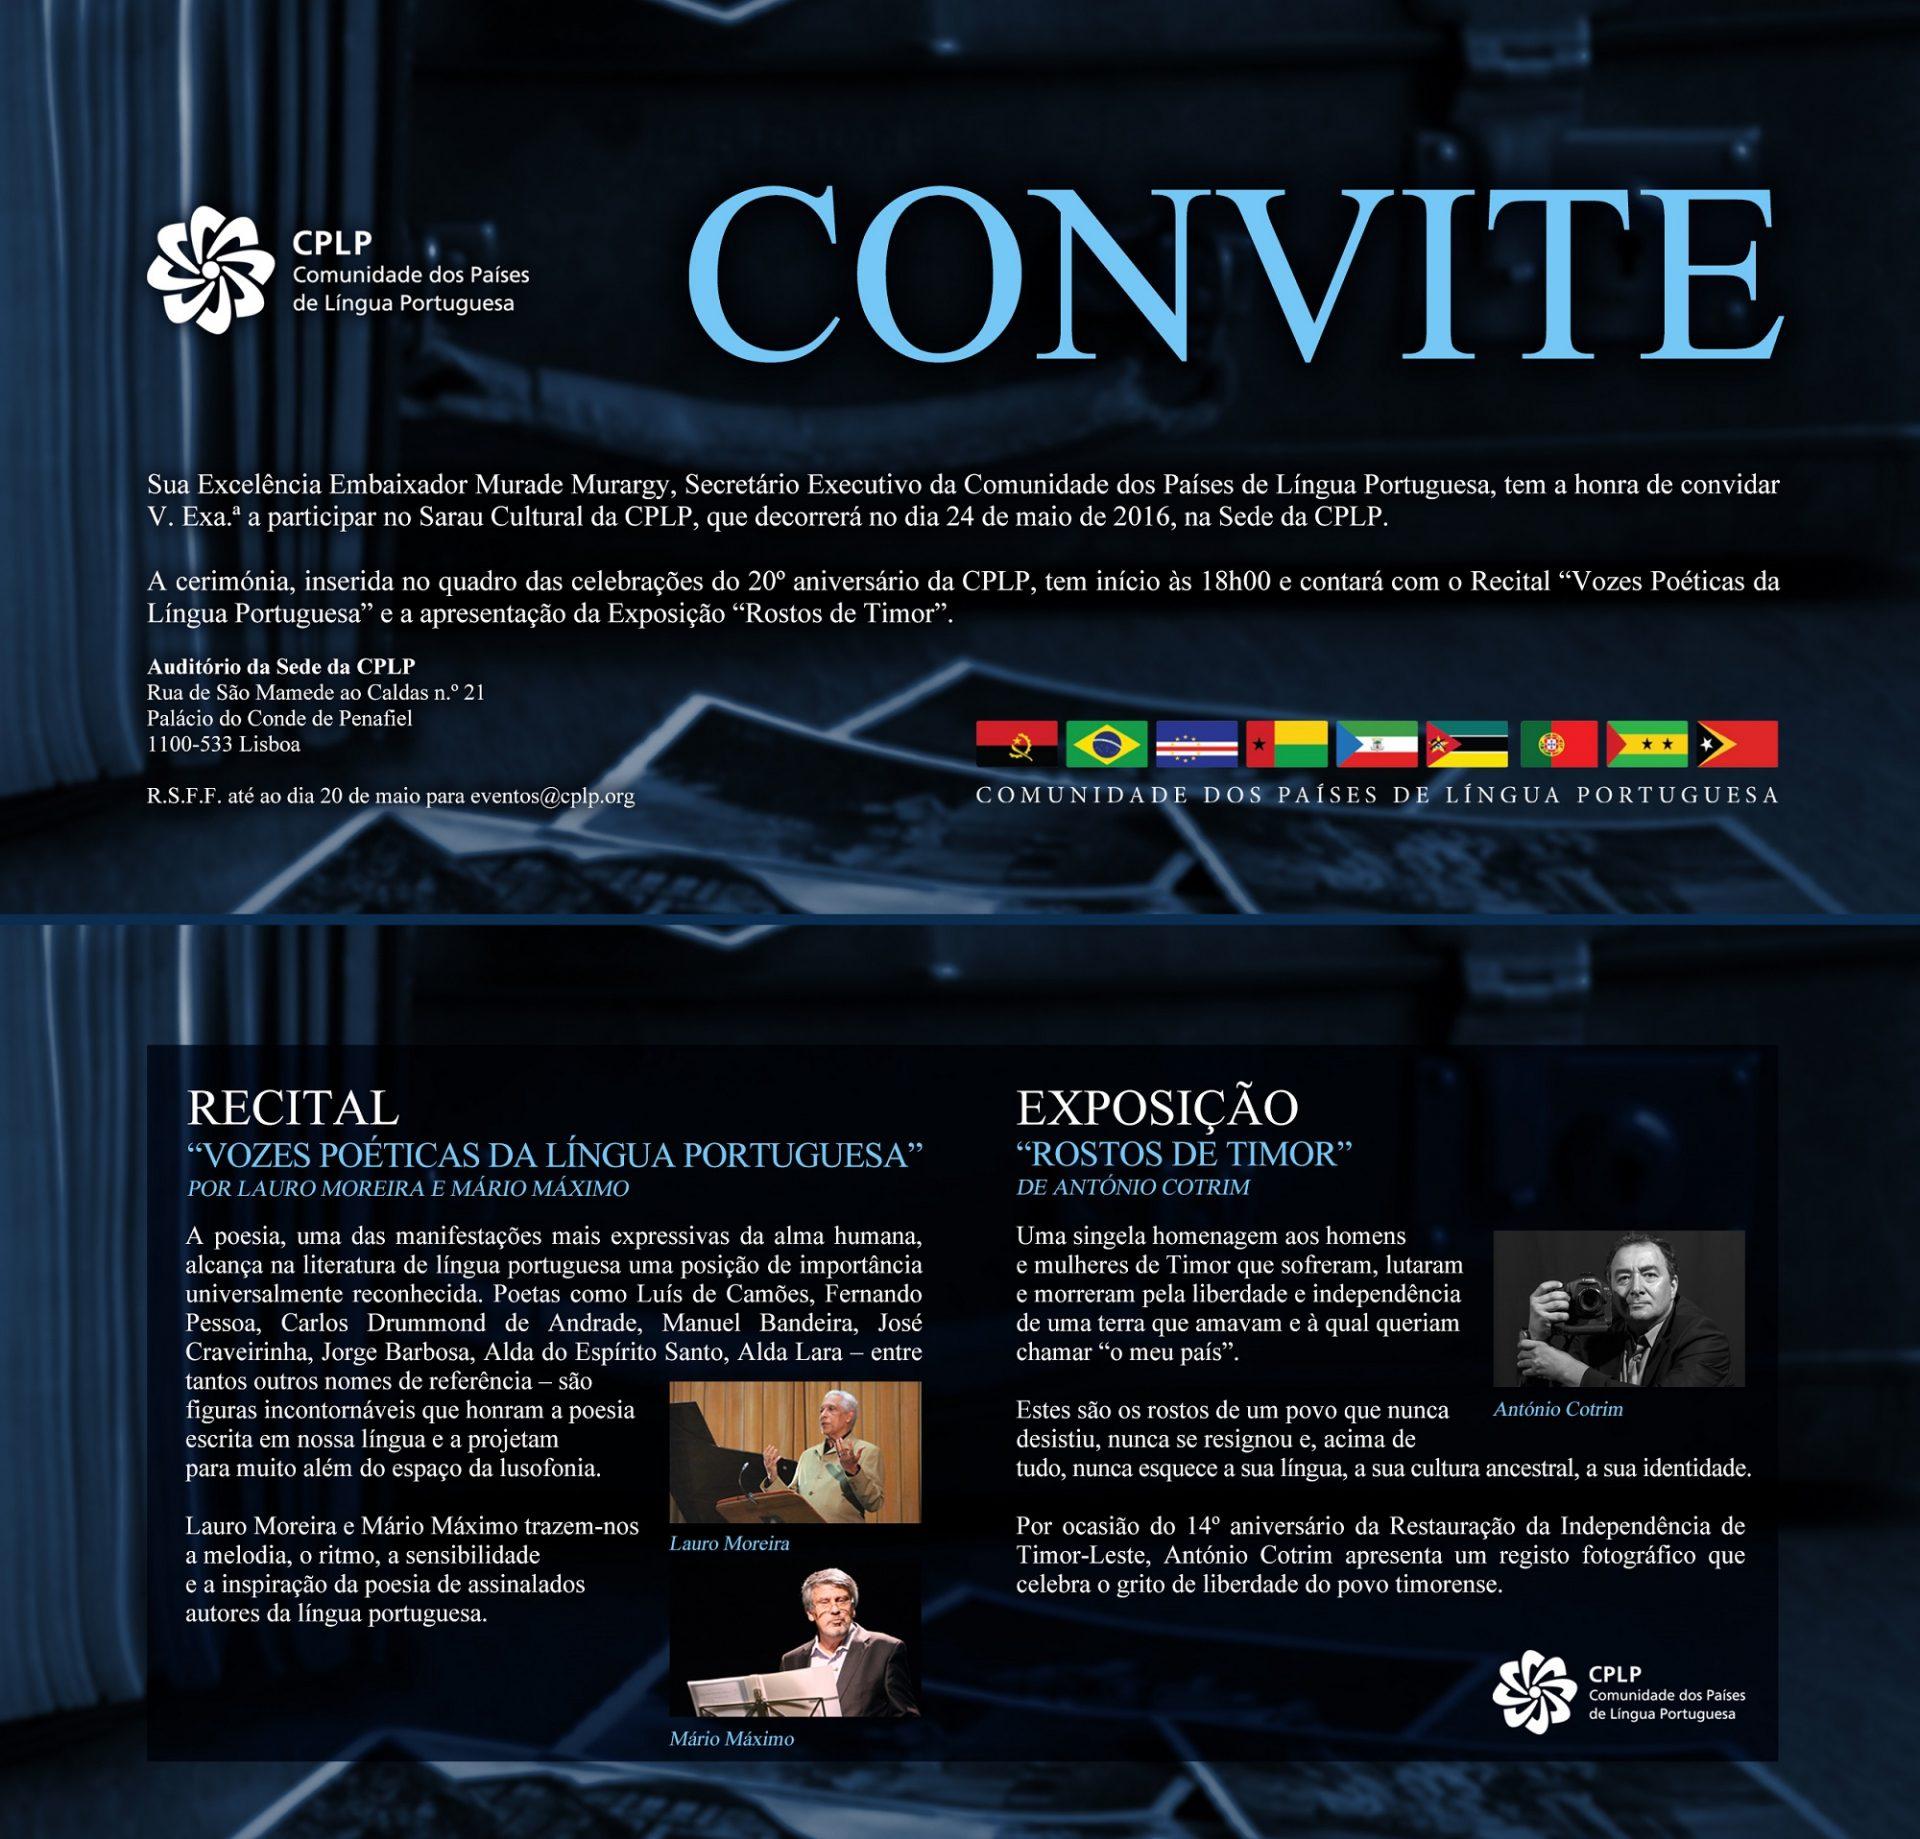 Convite CPLP Recital e Exposicao_digi-2